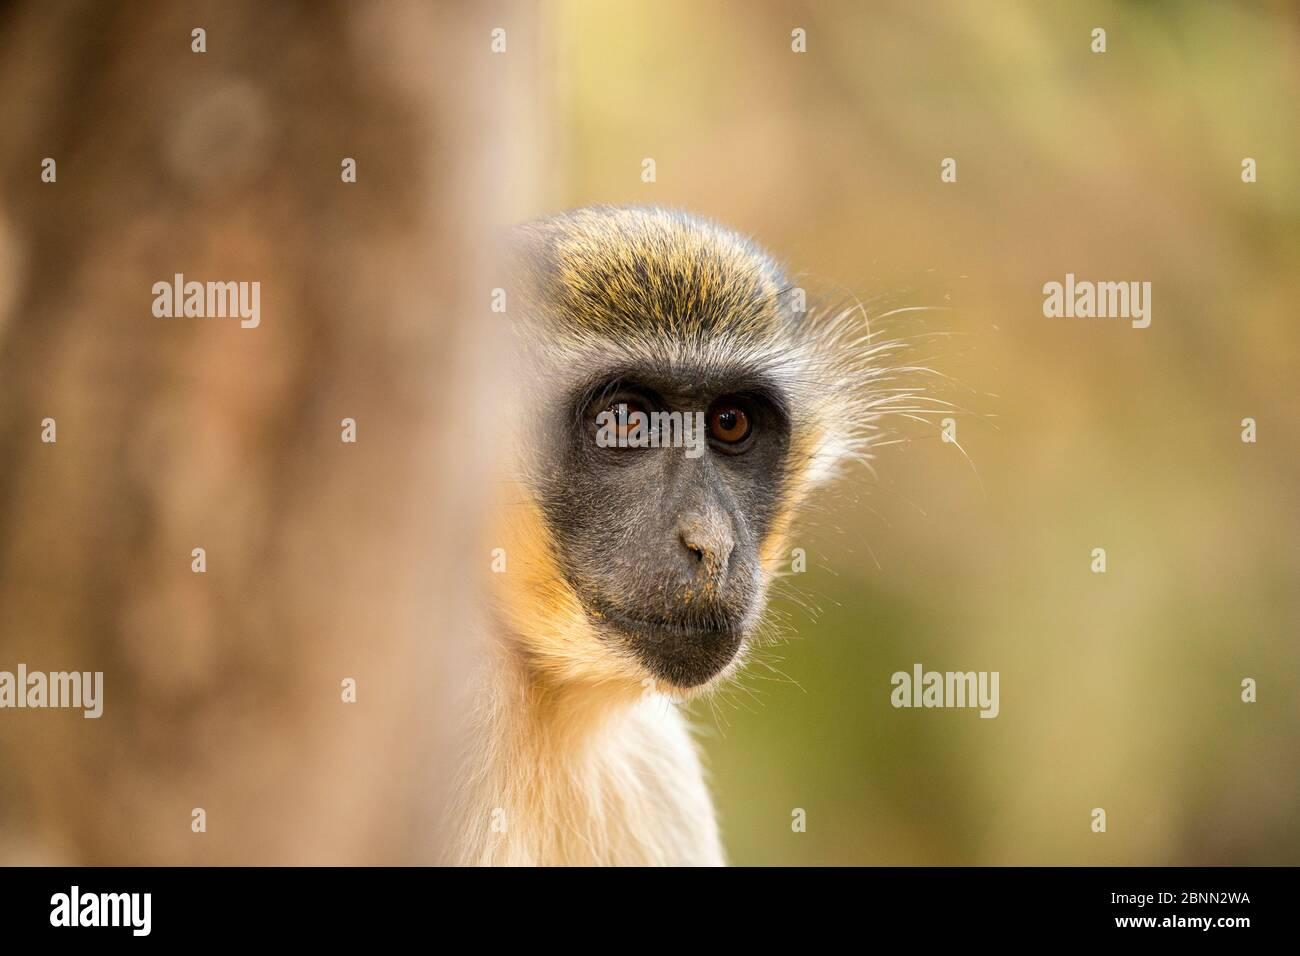 Portrait de gros plan du singe vert (Chlorocebus sabaeus), Parc forestier de Bijilo, Kololi, Serrekunda, Gambie, Afrique, mai. Banque D'Images